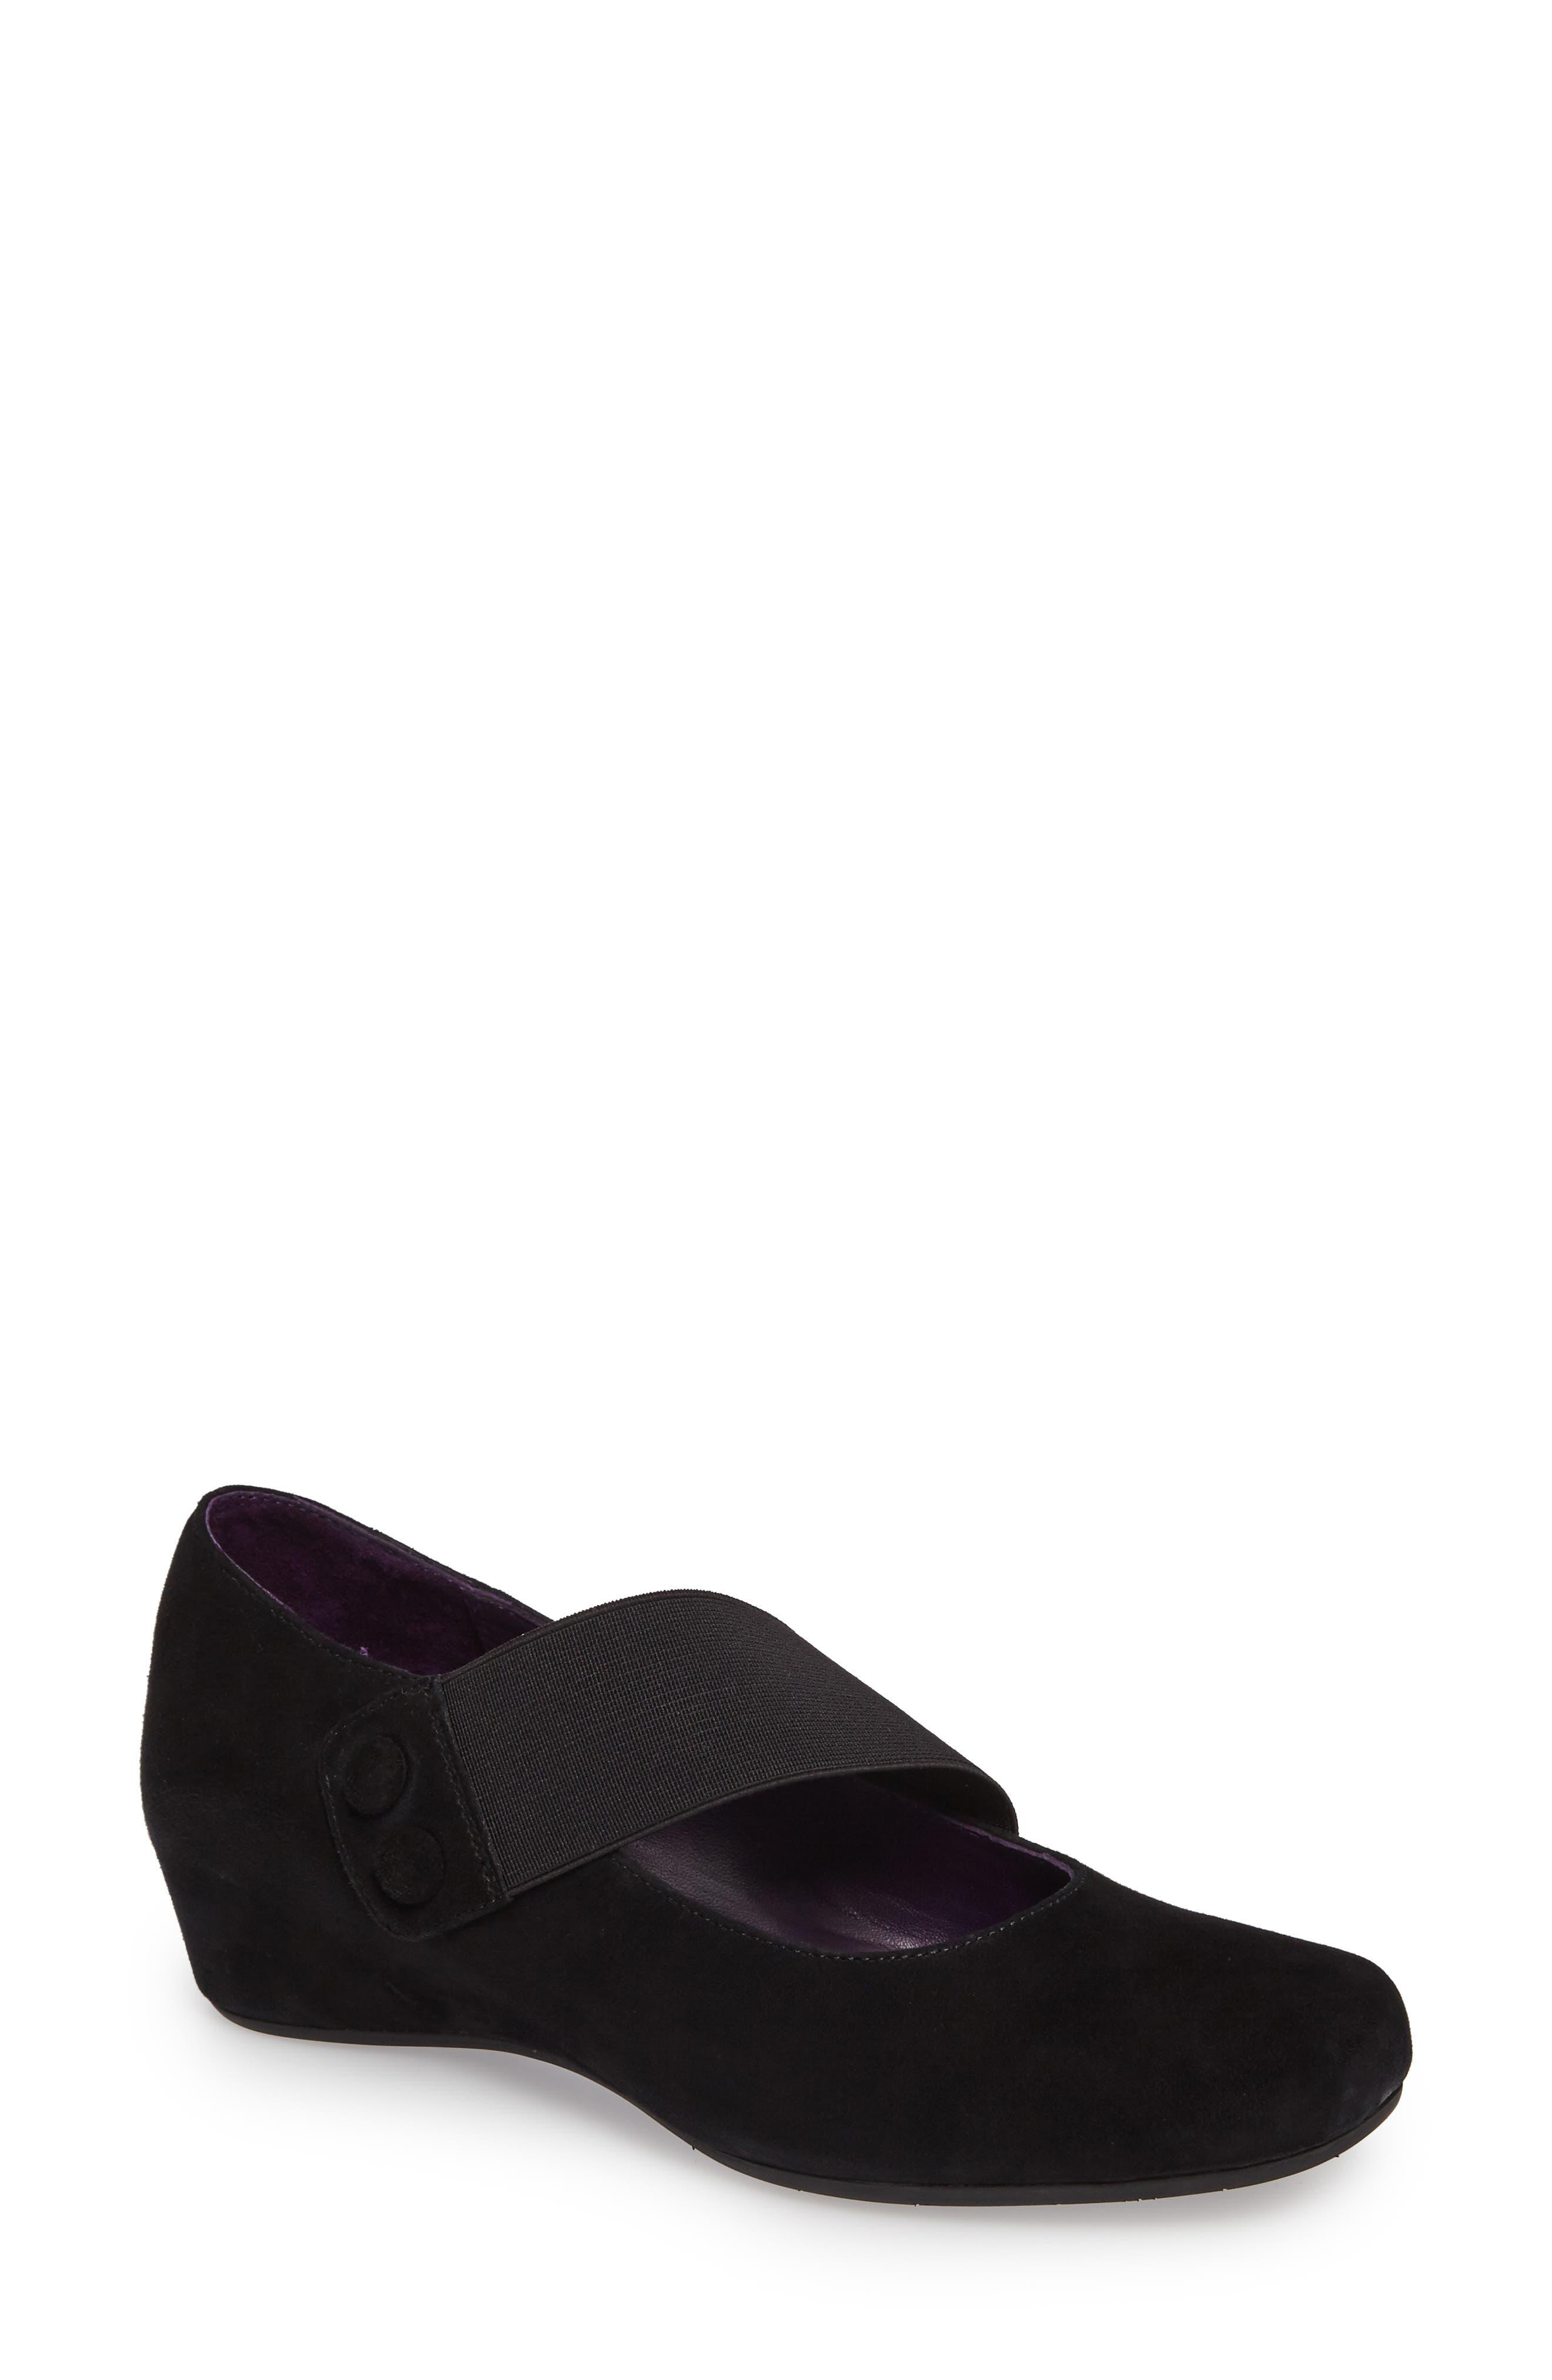 Womens Heels Cheap Price 21554696 Van Eli Lara Wedge Loafers Truffle Suede